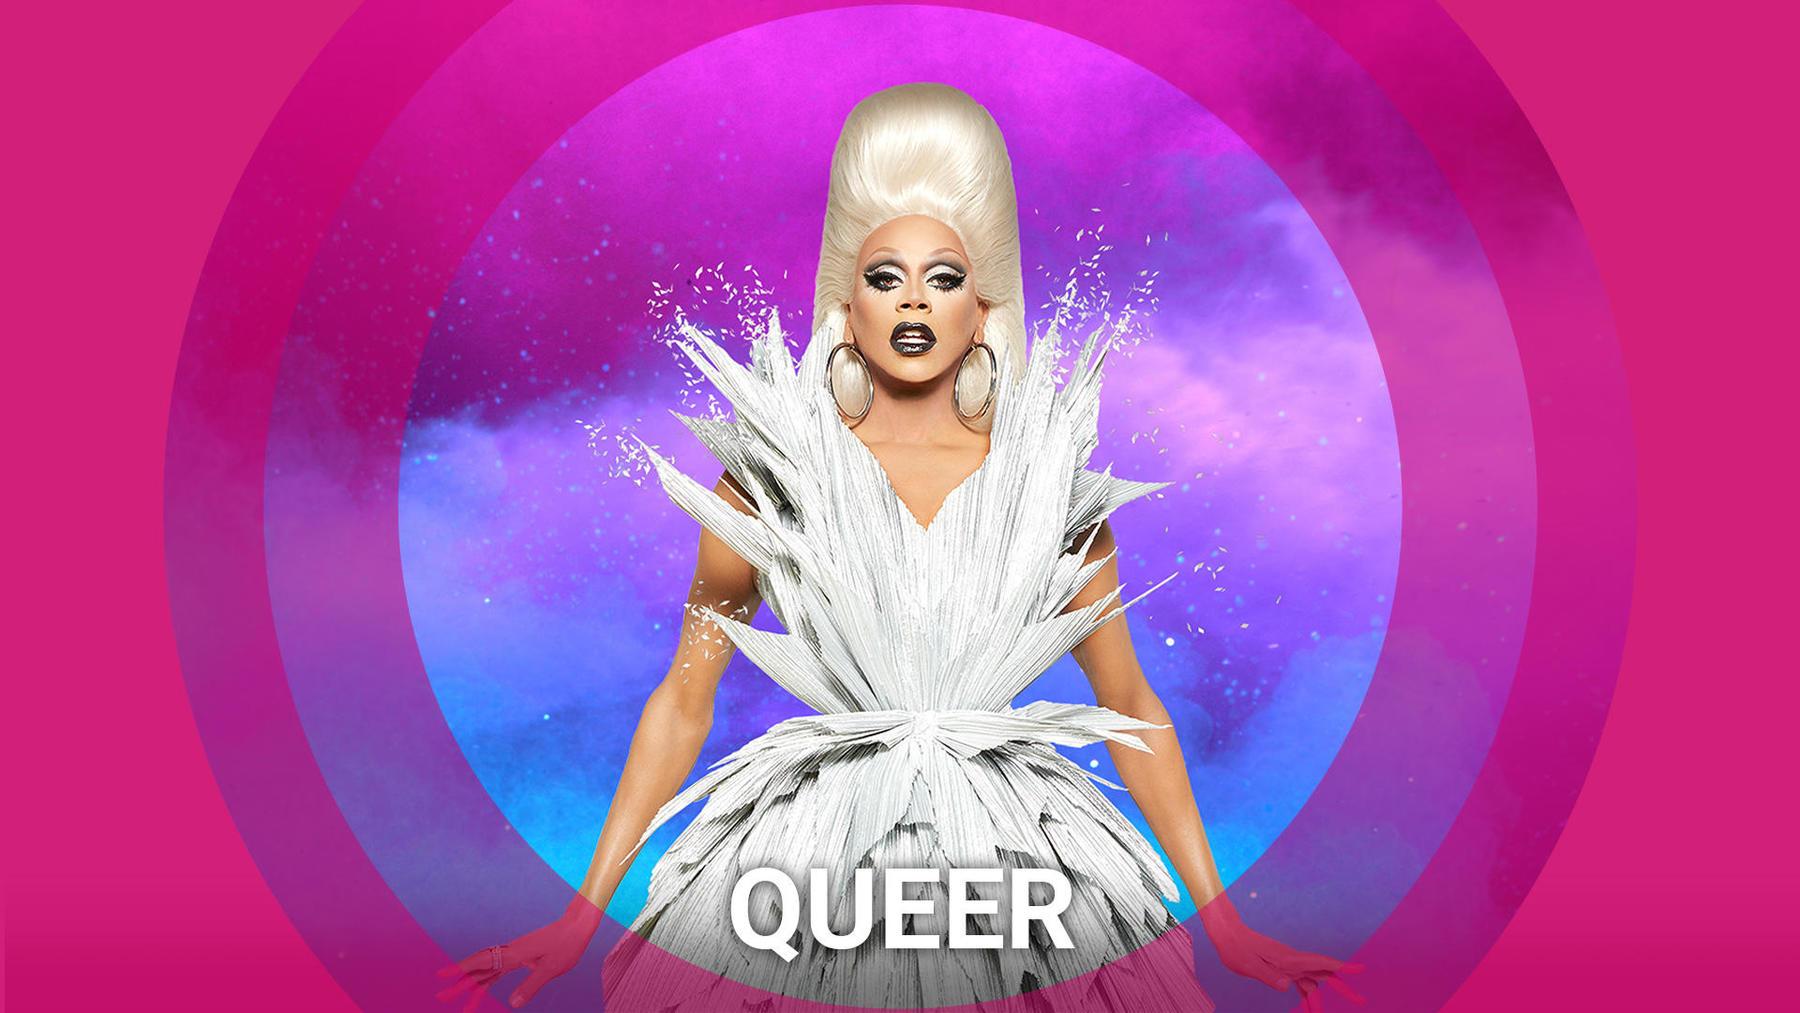 Queer - Es lebe die Vielfältigkeit